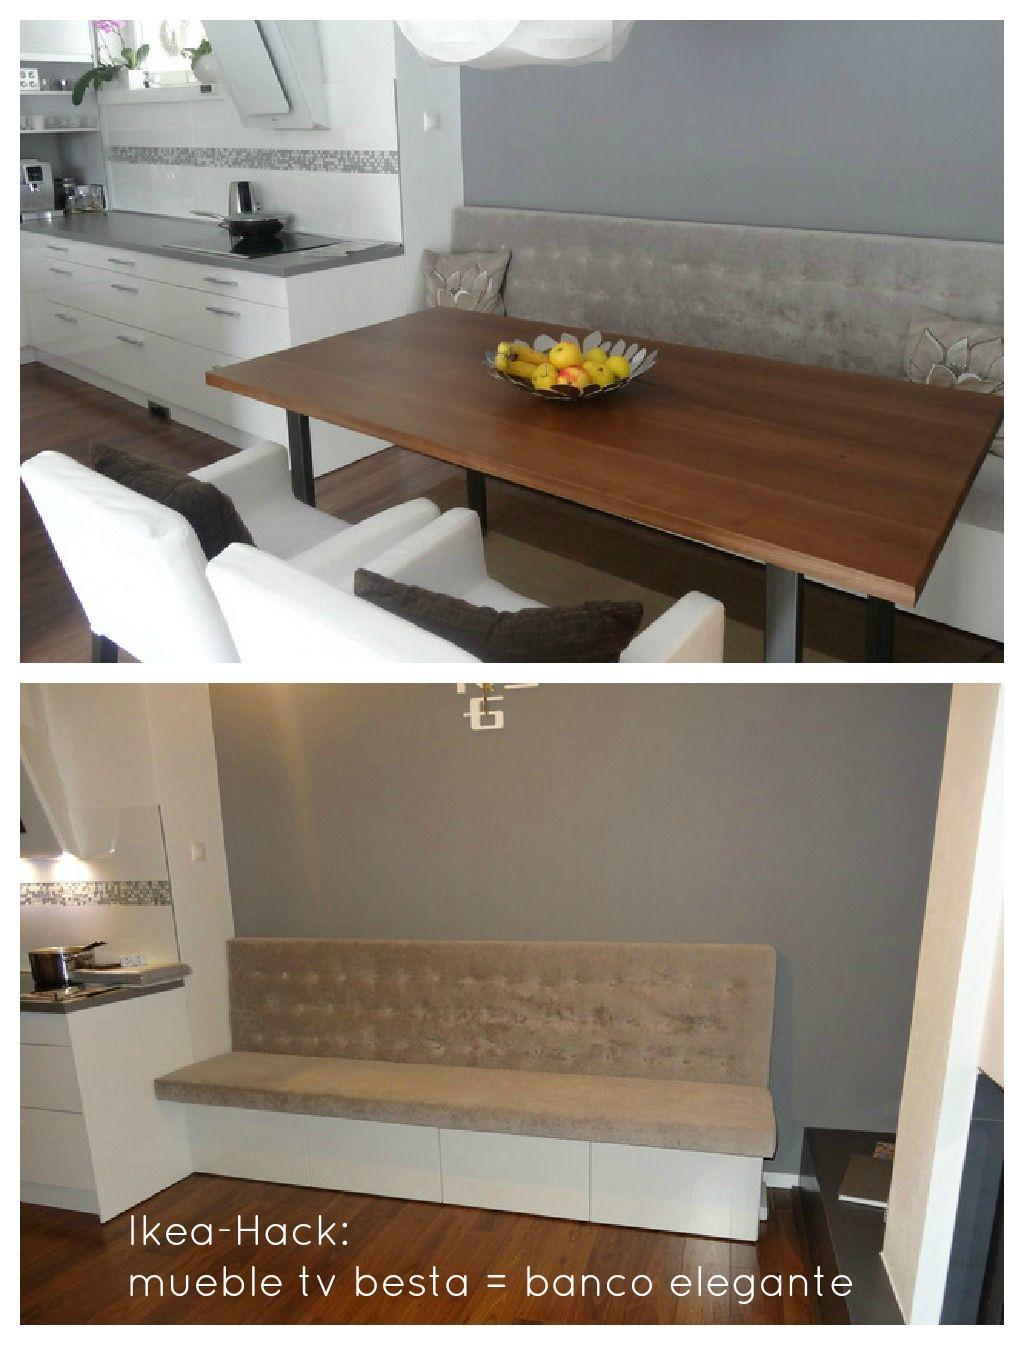 Ikea hack c mo convertir un mueble de tv - Bancos para cocina ...